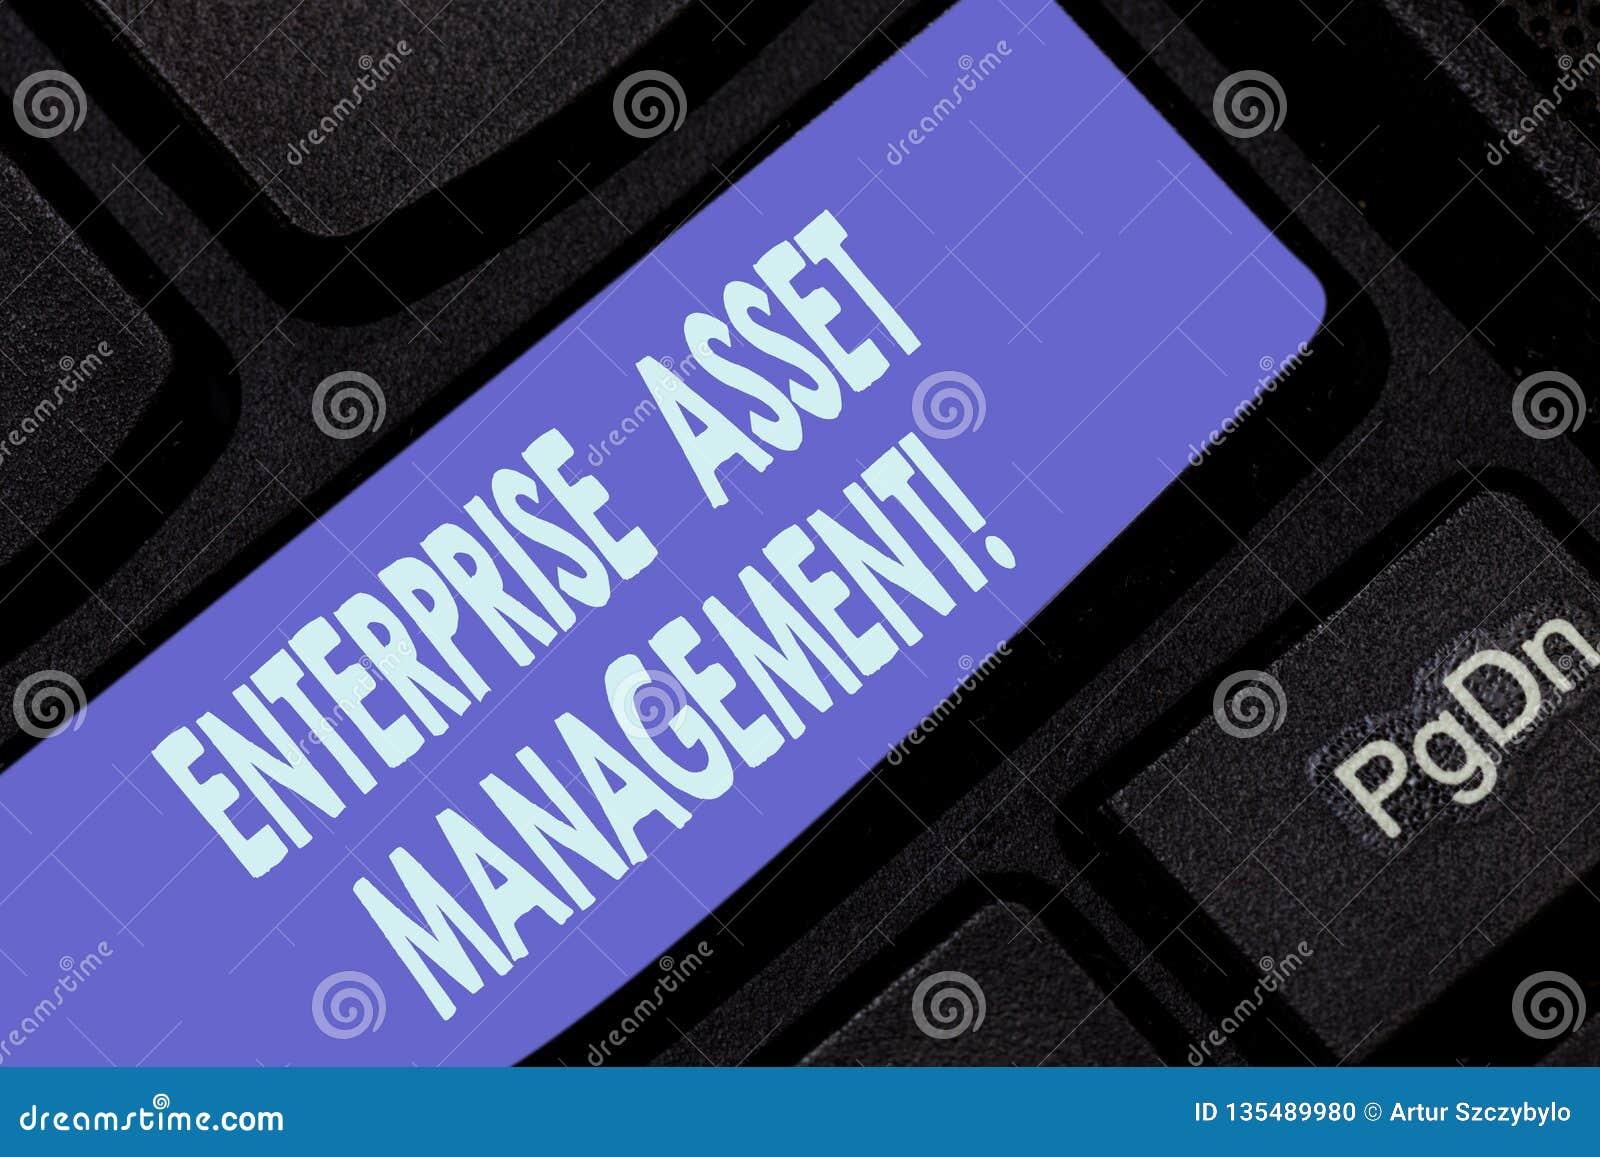 手写文本文字企业财产管理 analysisaging实物资产的生命周期概念意思